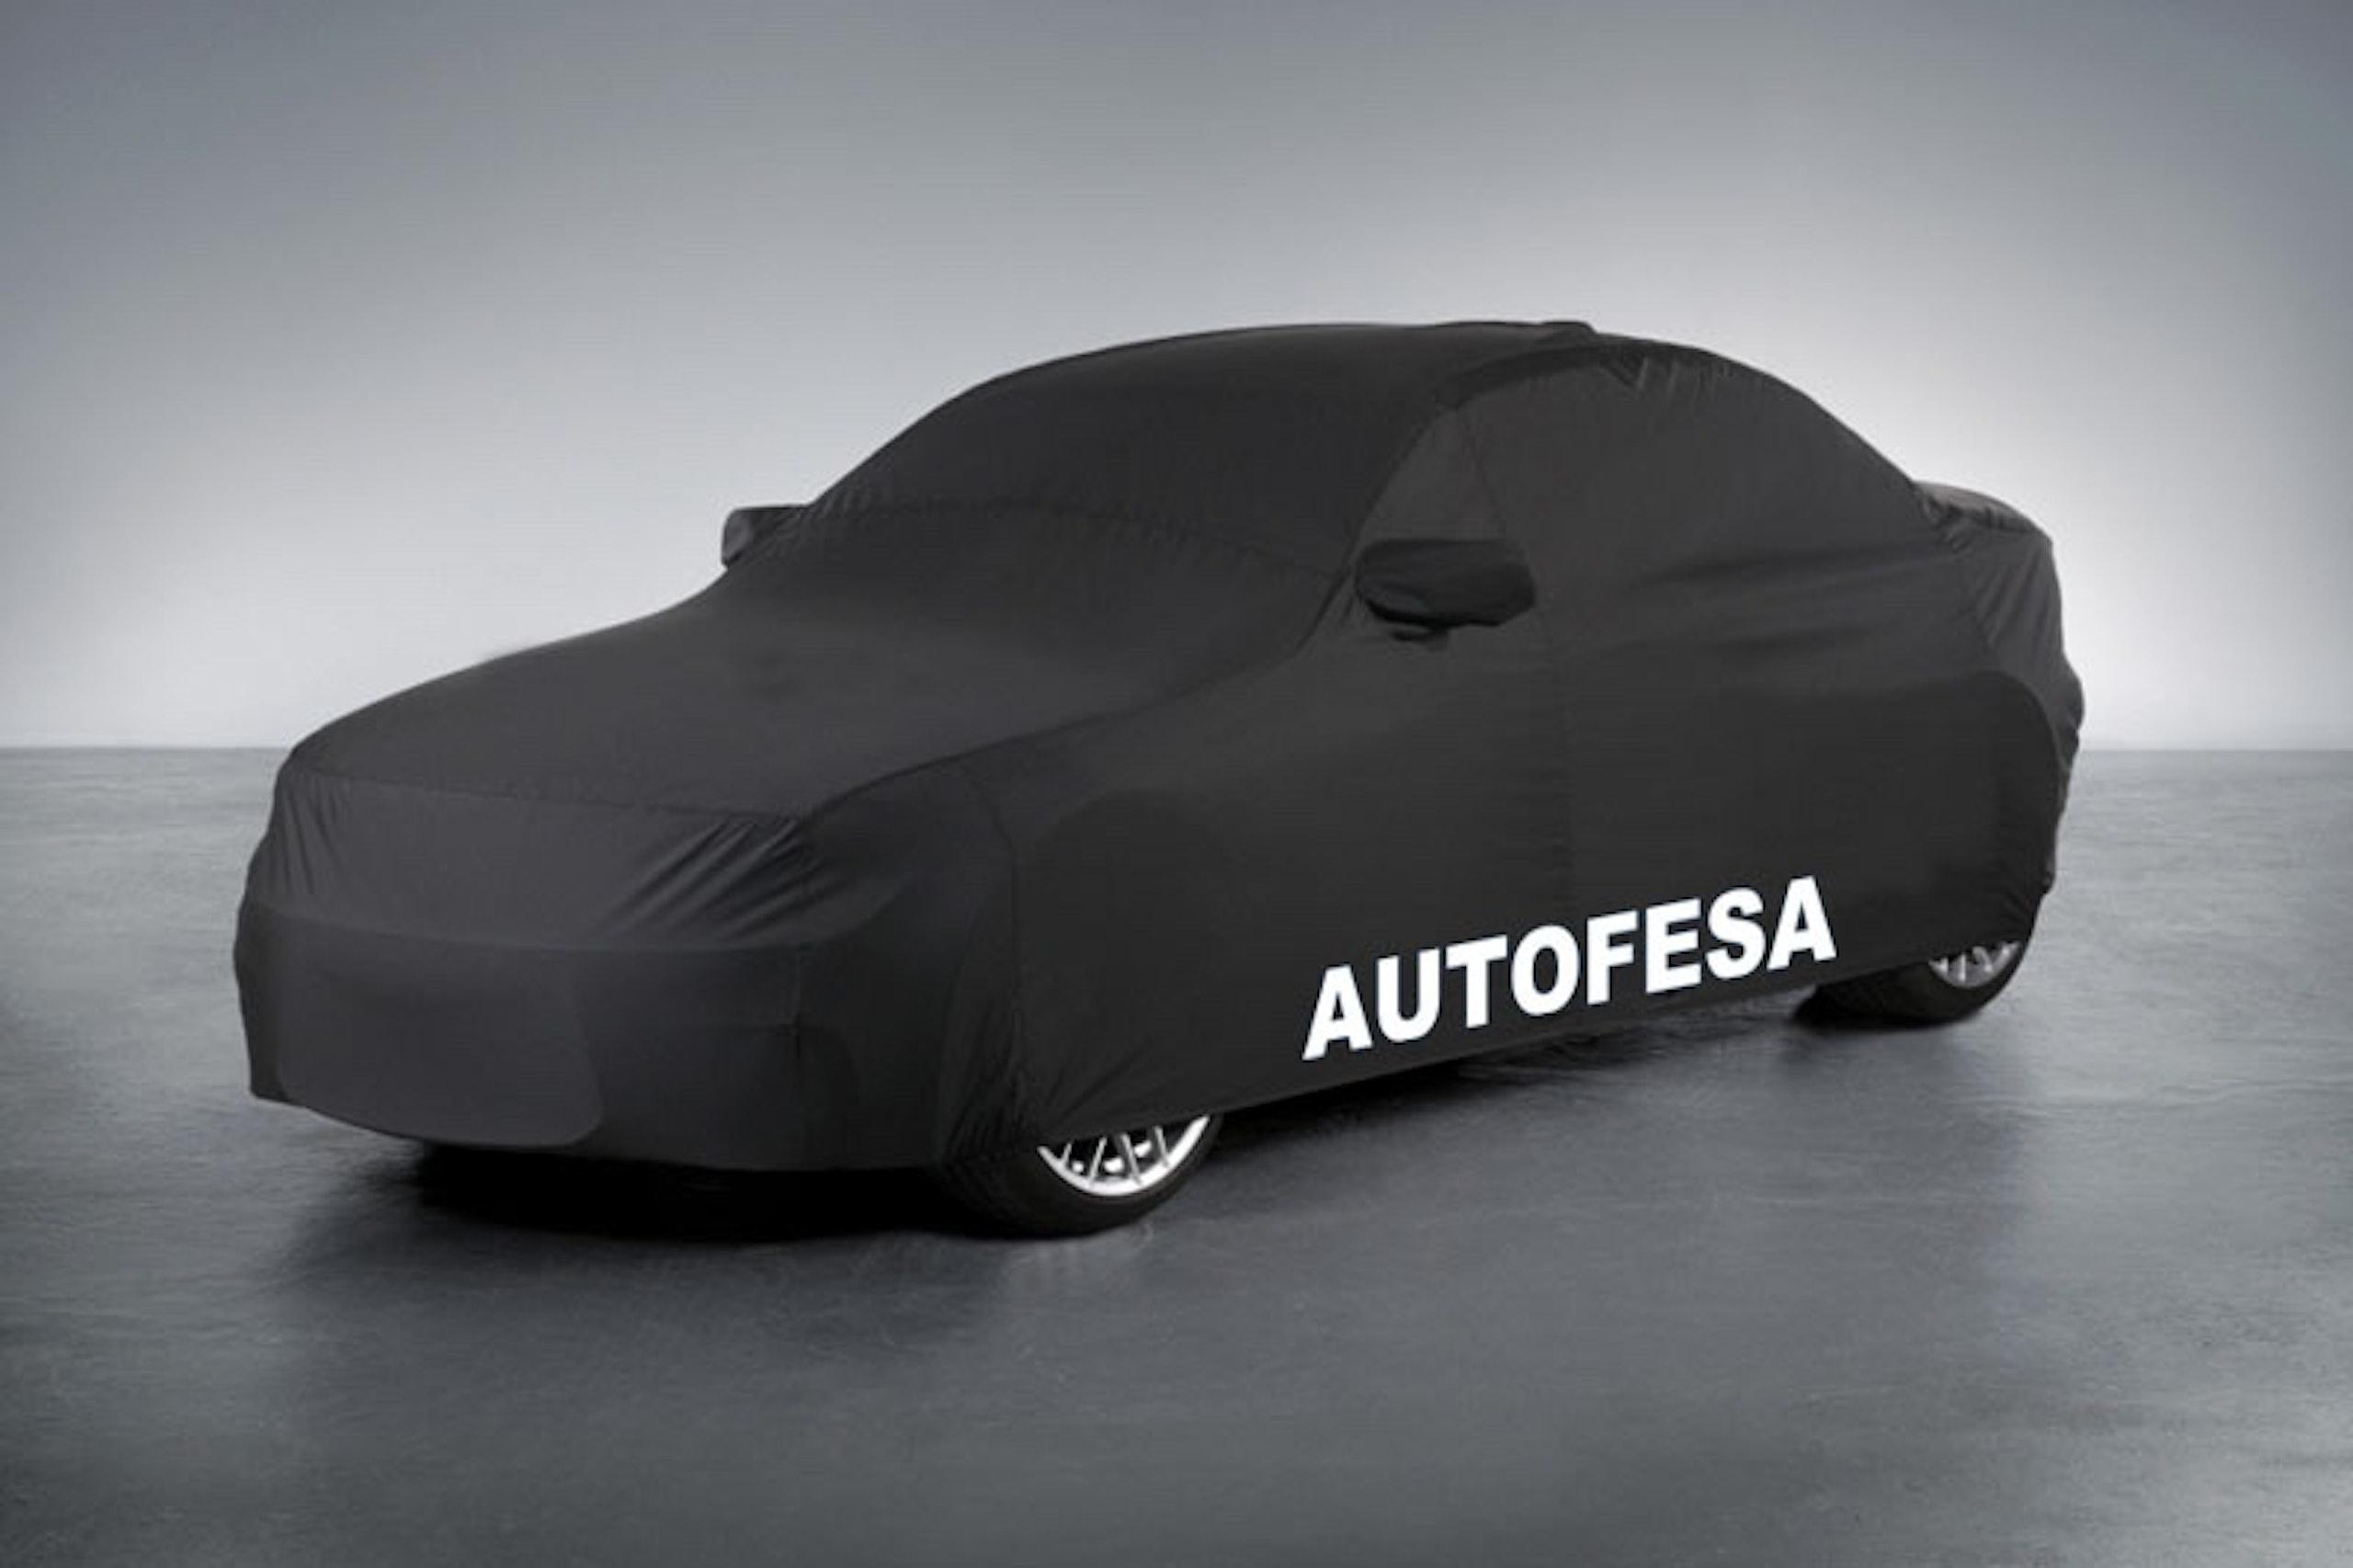 Fotos del Audi Q7 Q7 3.0 TDI 245cv Ambition quattro tiptronic Sline 7 Plazas 5p Exterior 1